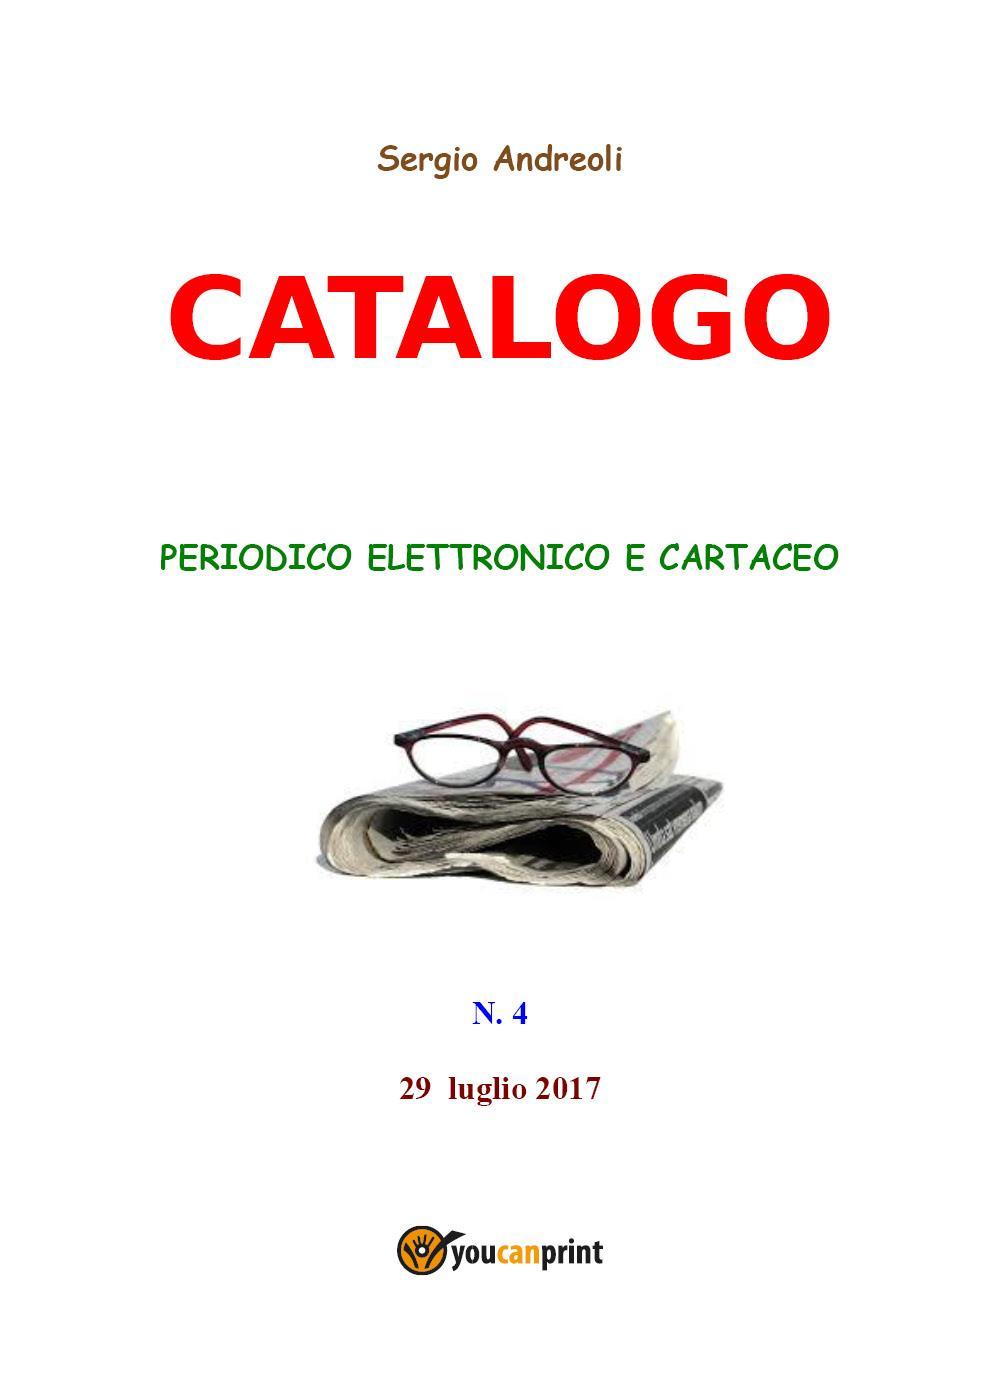 Catalogo 4